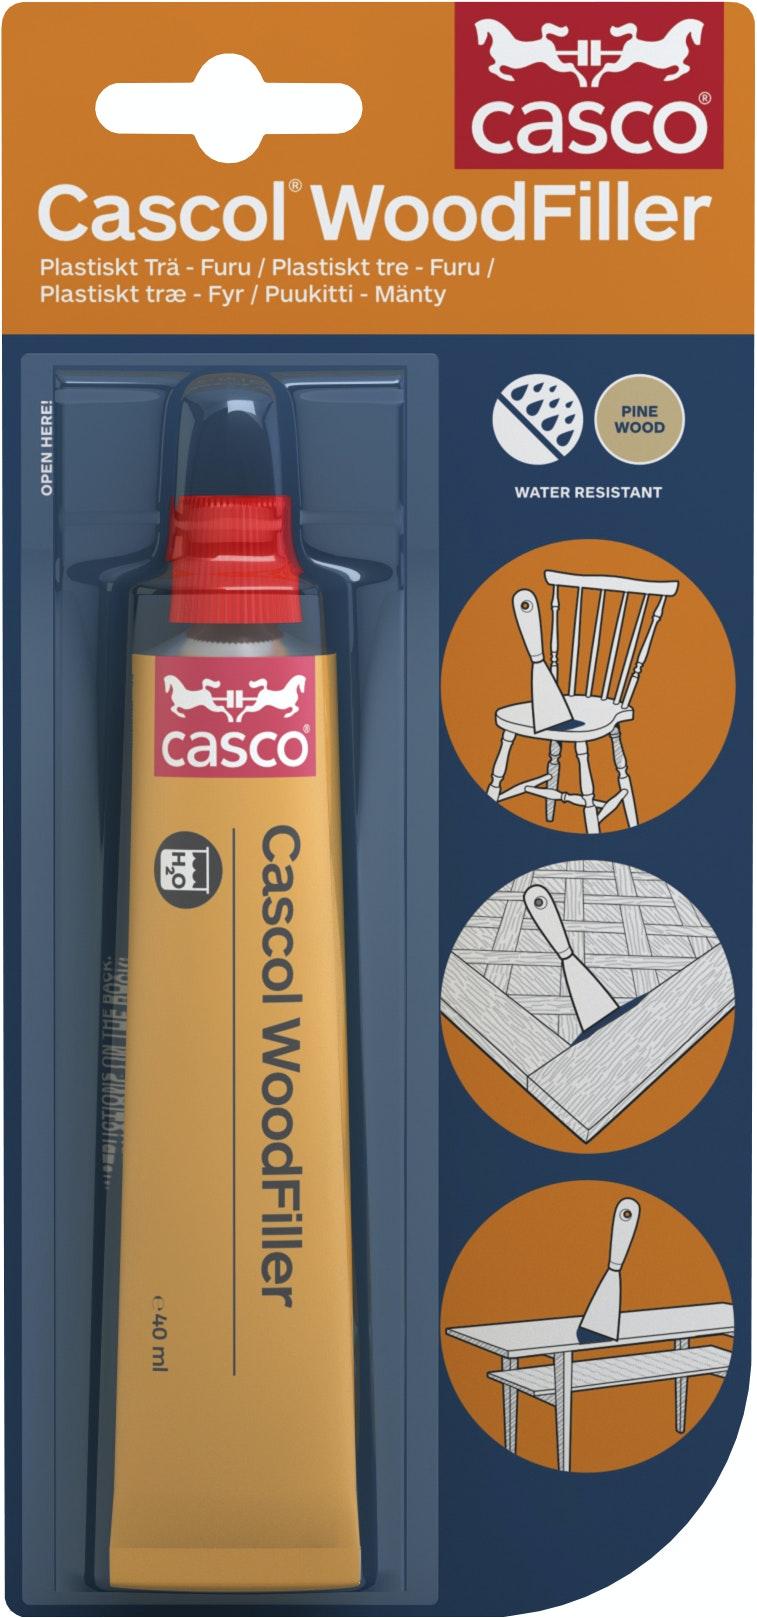 Trälim Casco Cascol Woodfiller Plastiskt trä/Furu 40ml